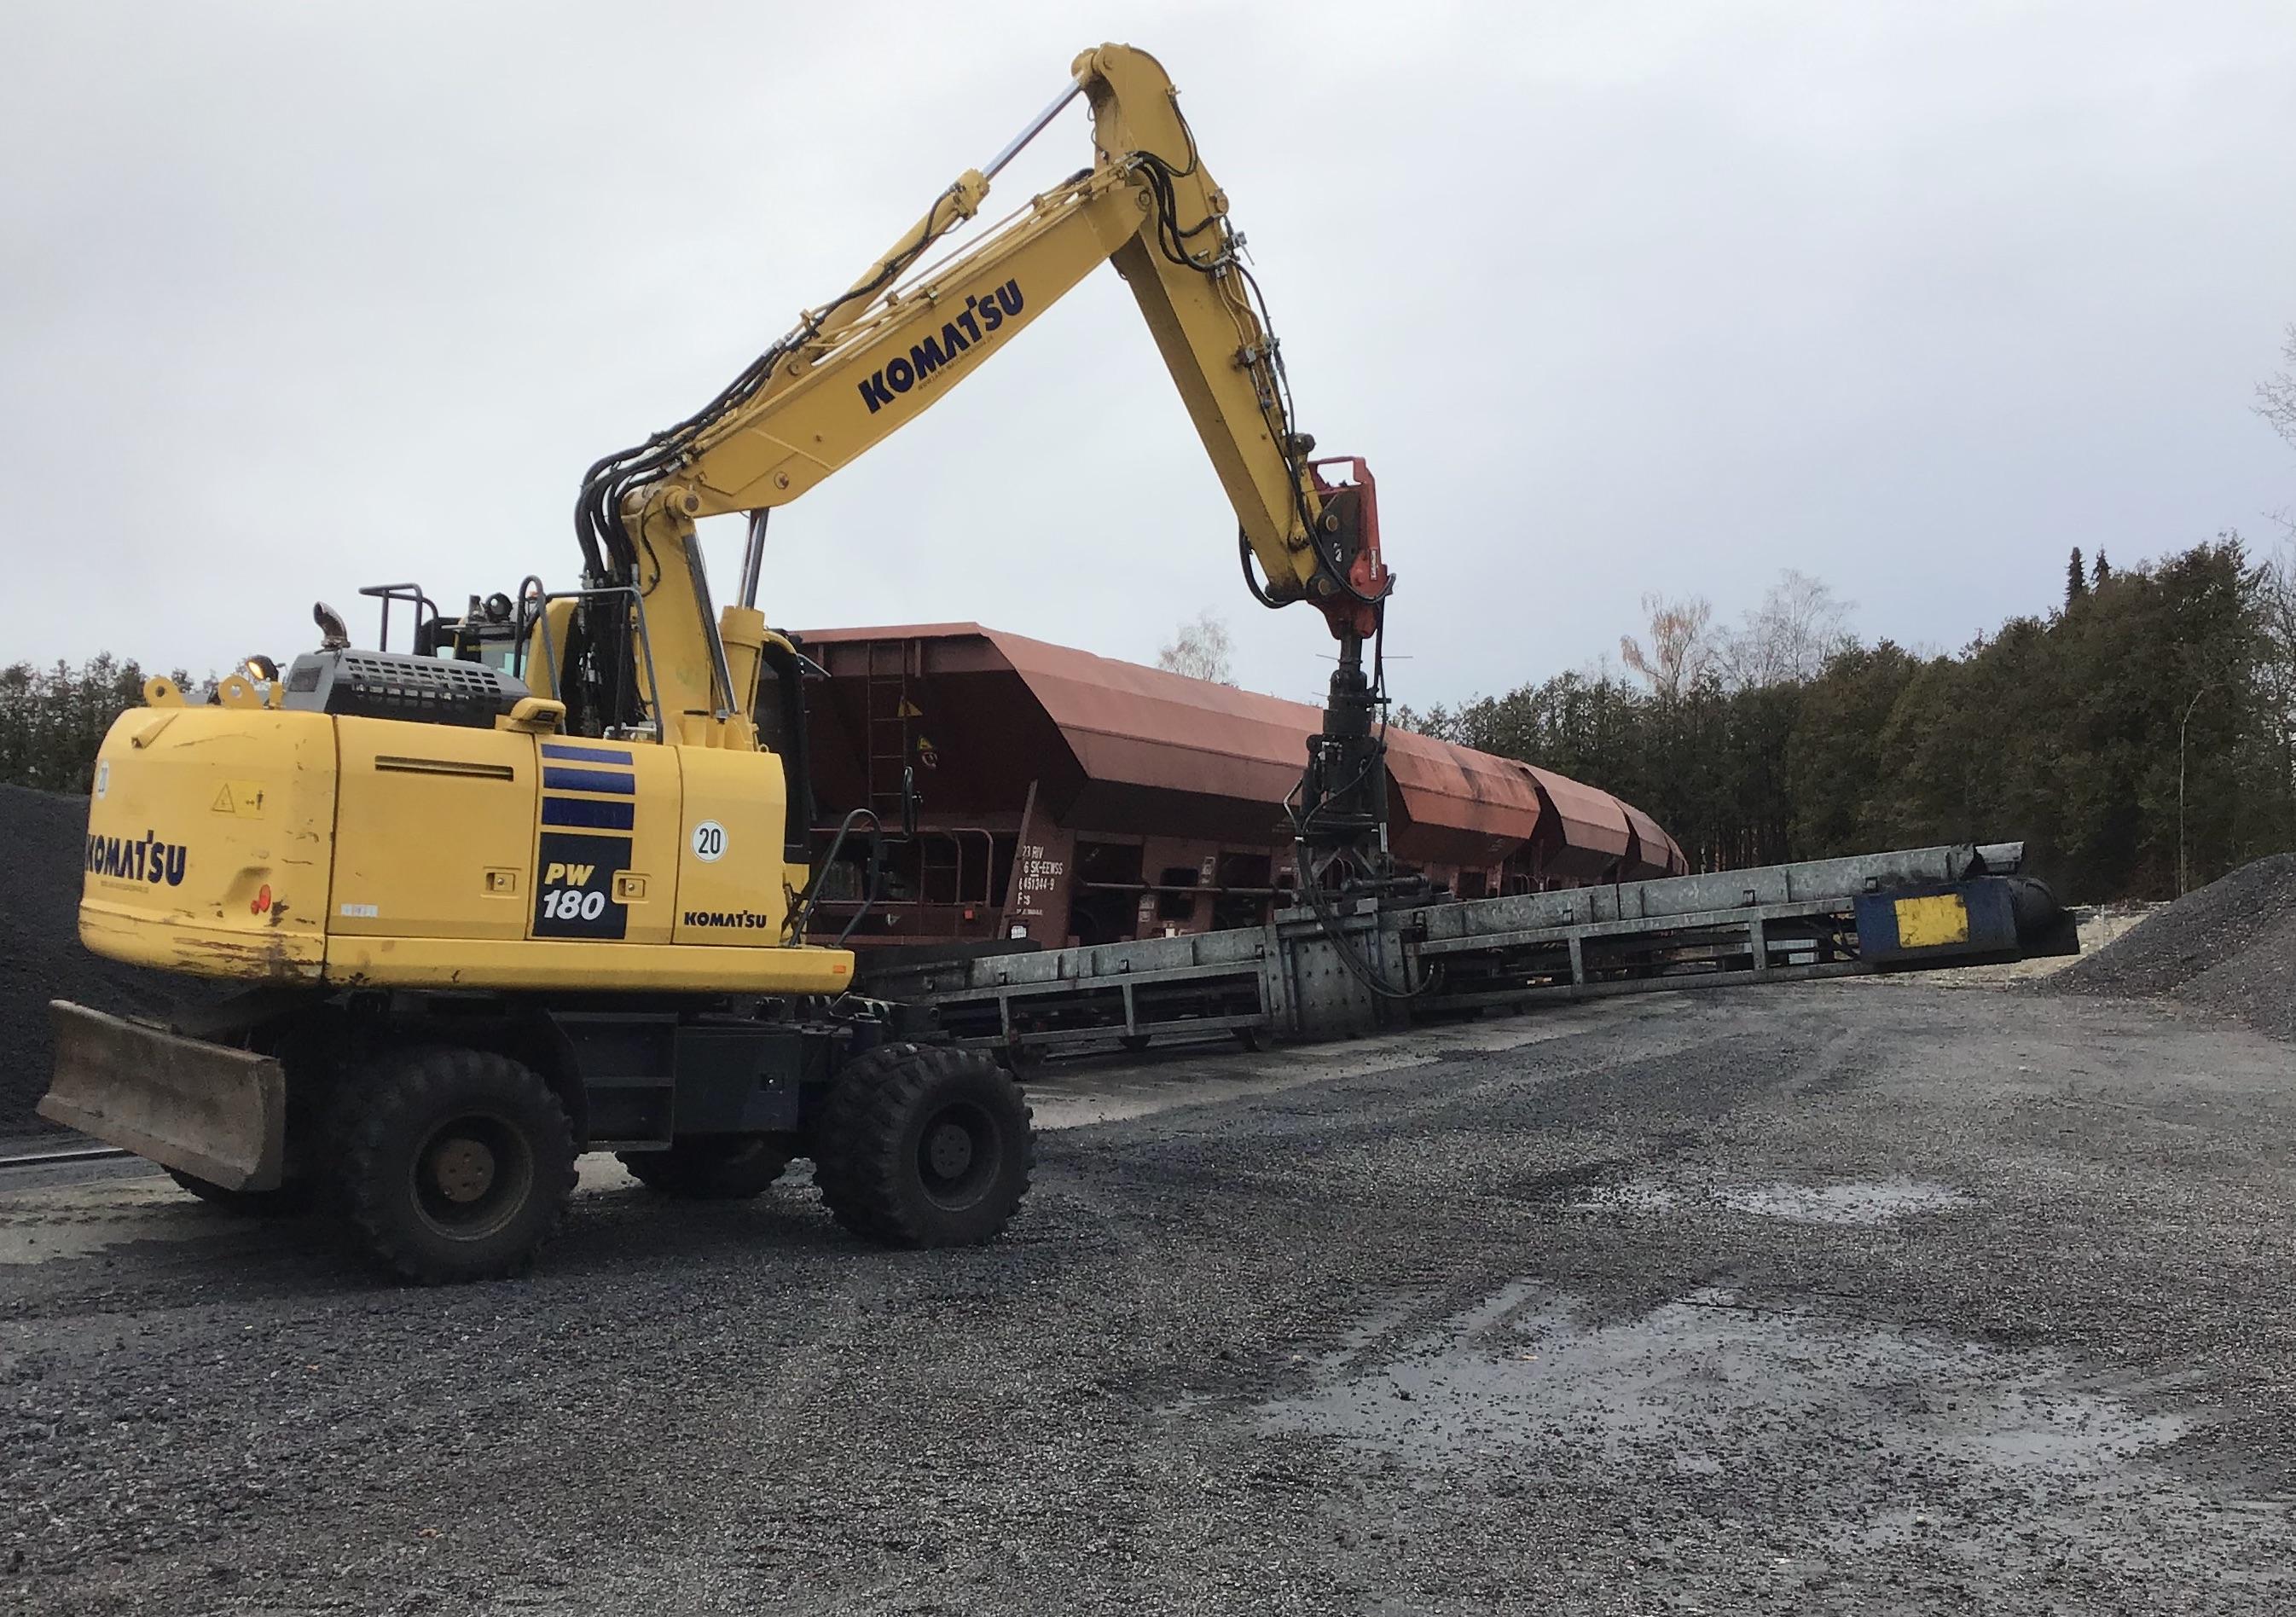 Mit dem Mobilbagger PW180 und dem Förderband wird der Schwarzstoff vom Güterwagen entladen und in das Freilager transportiert